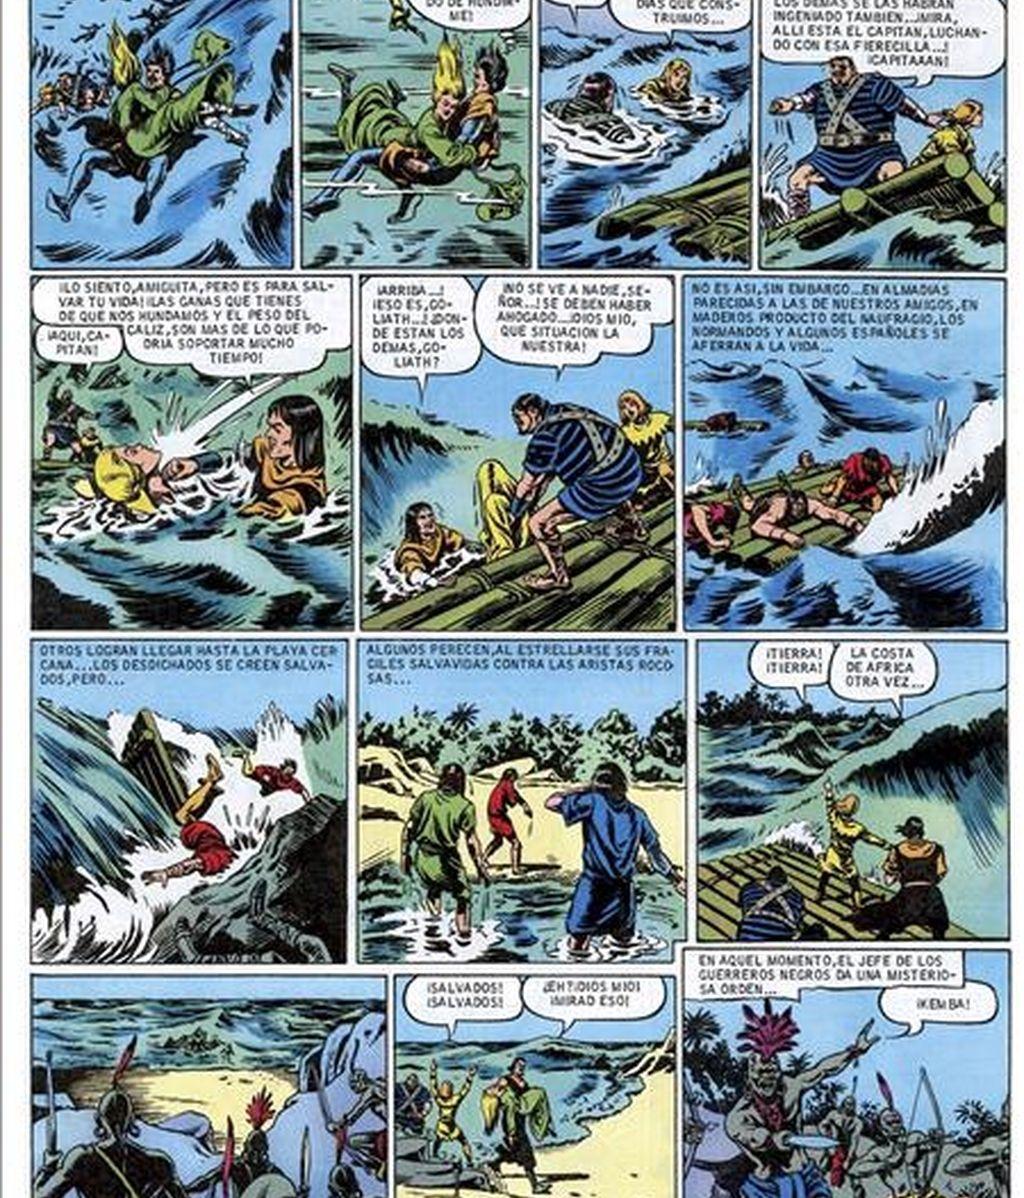 El cómic cobra protagonismo en la Feria del Libro de Madrid. En la imagen, una página del cómic del Capitán Trueno de los dibujantes Víctor Mora y Miguel Ambrosio. EFE/Archivo